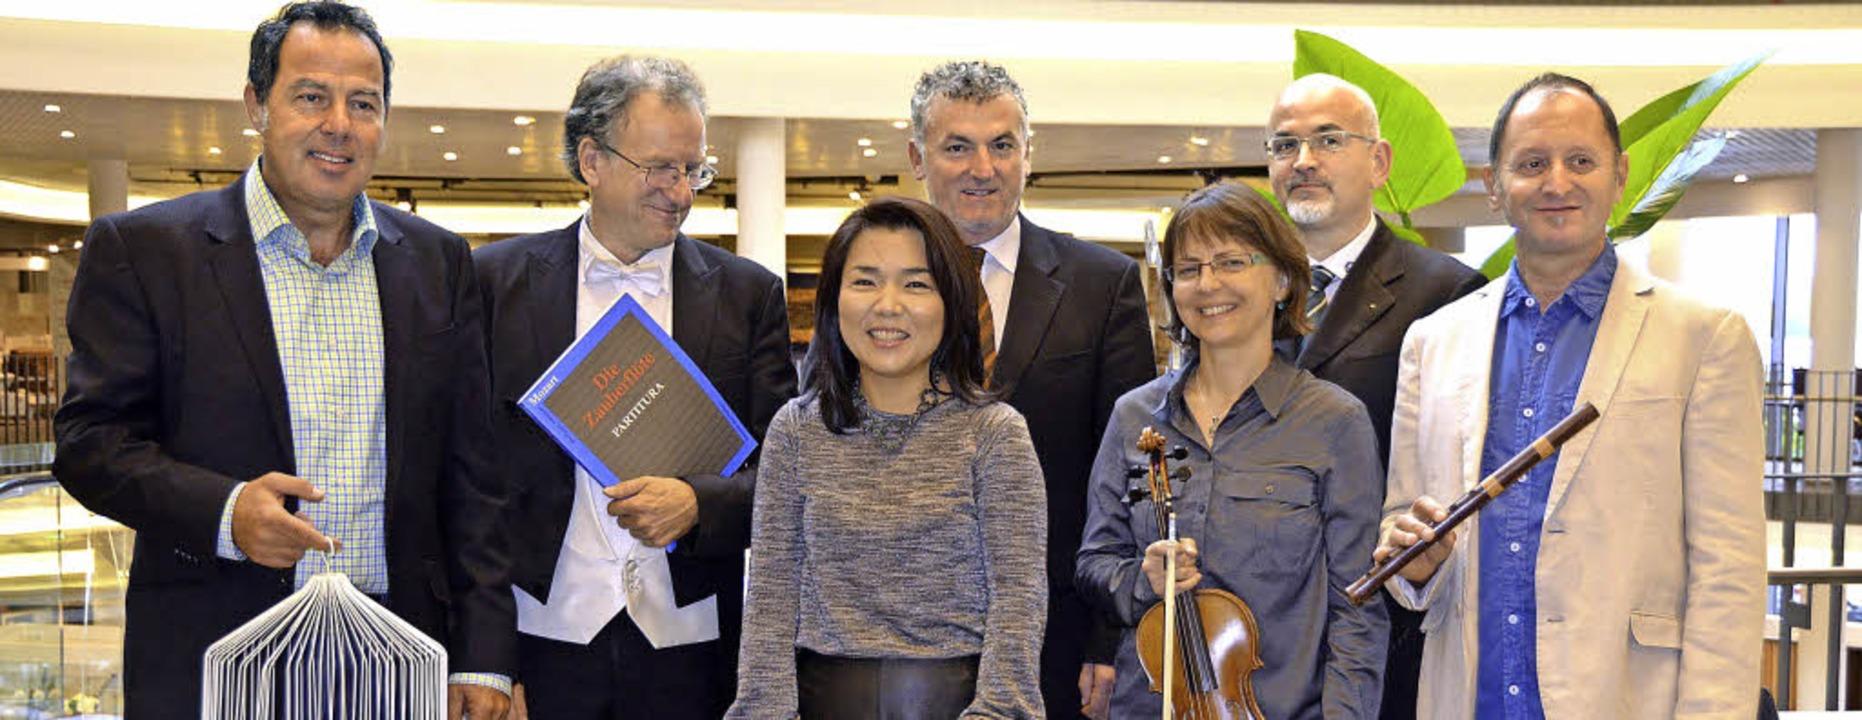 Möbelhaus Wird Zum Konzertsaal Binzen Badische Zeitung